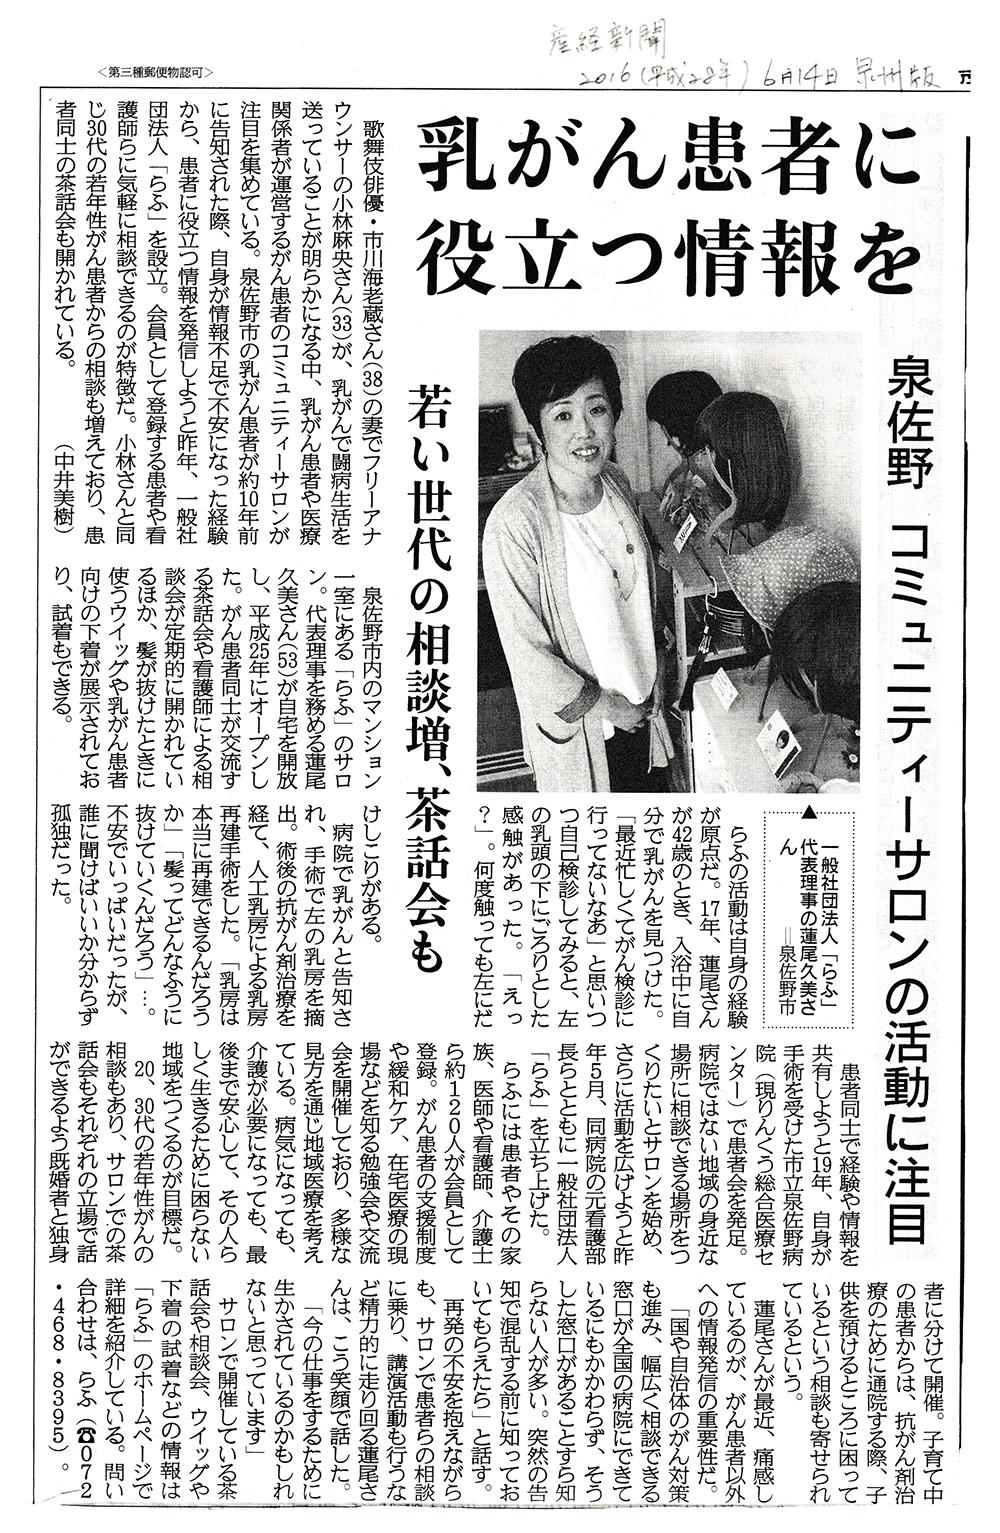 2016.6.14産経新聞掲載記事